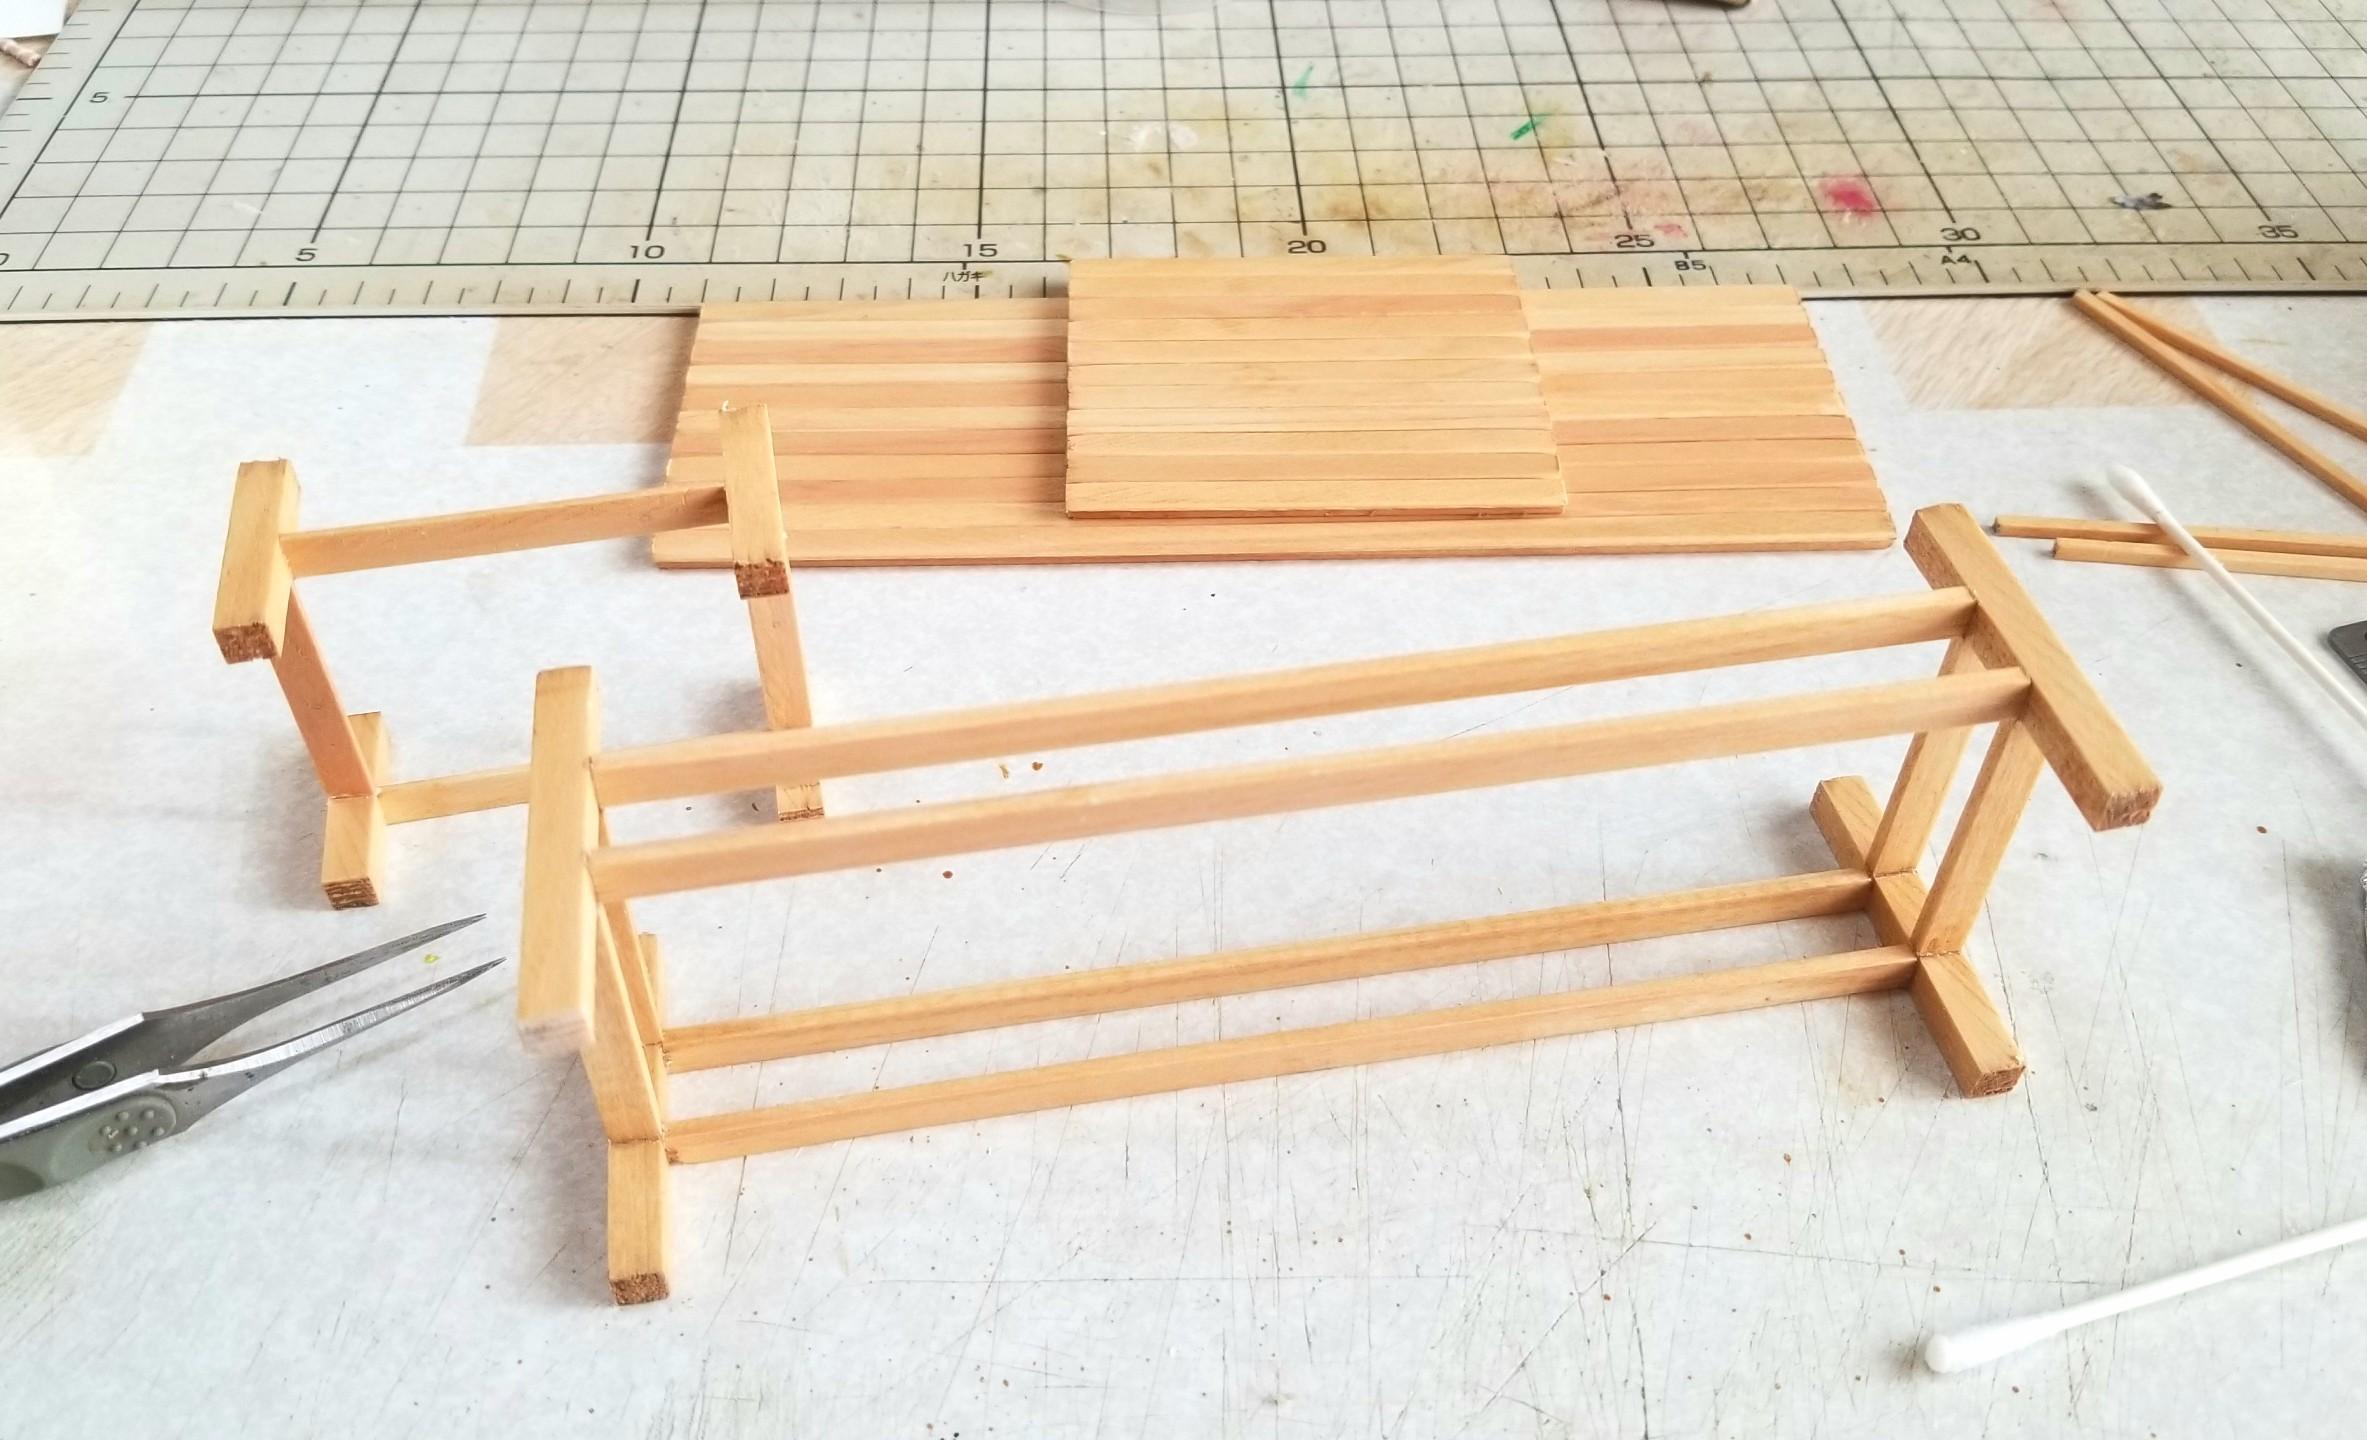 ミニチュアフード,長椅子,テーブル,和菓子屋,作り方,机,ハンドメイド